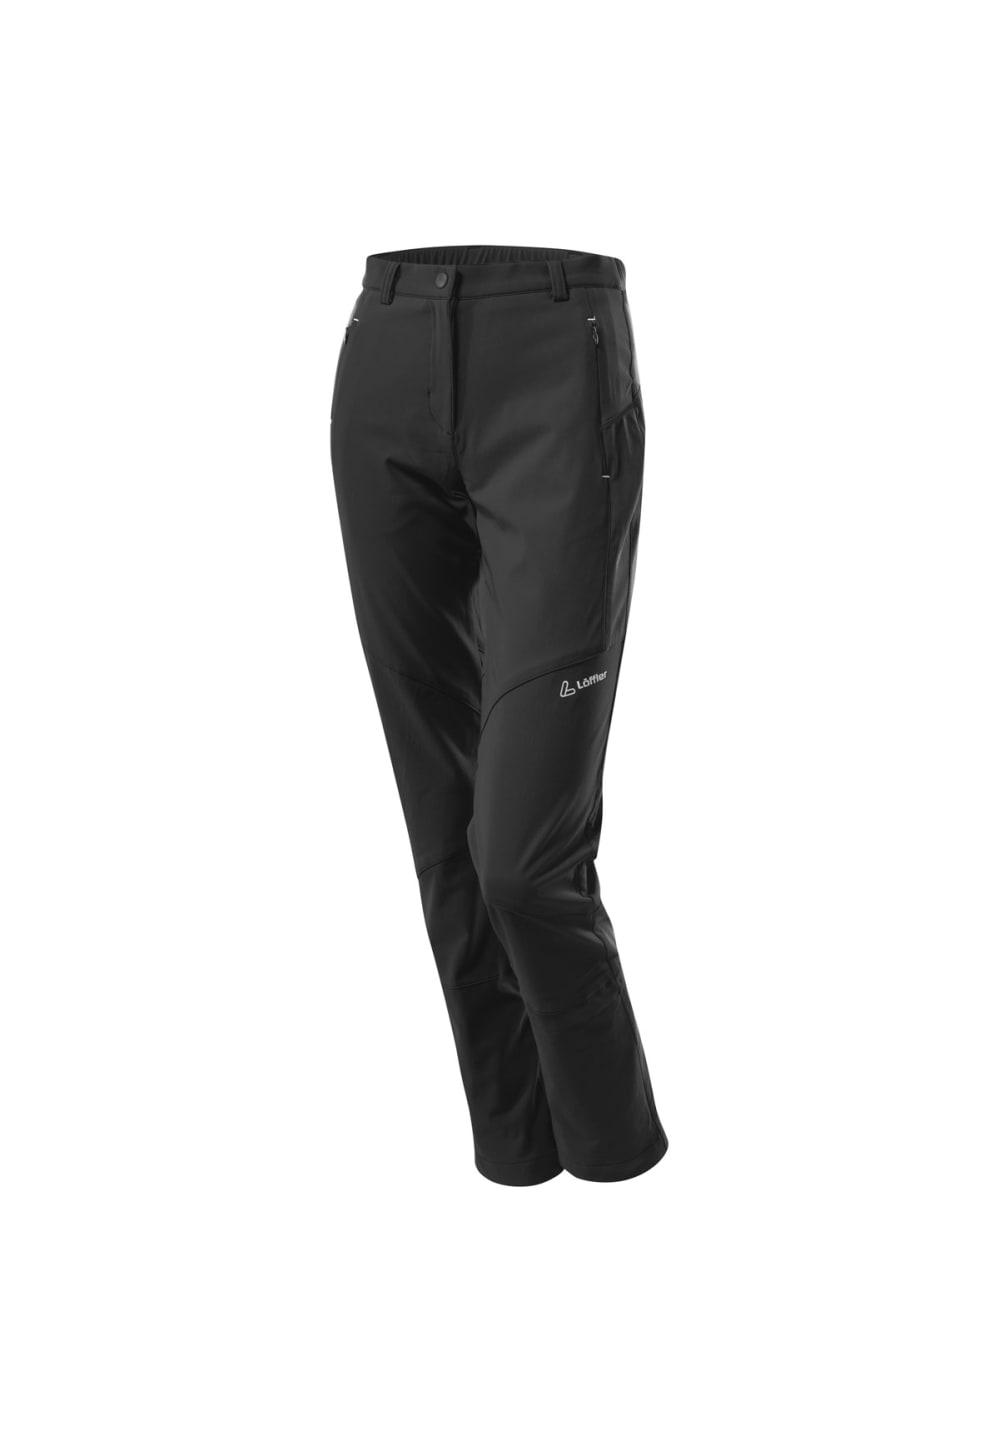 Löffler Active Shell Comfort Pants - Radhosen für Damen - Schwarz, Gr. 19